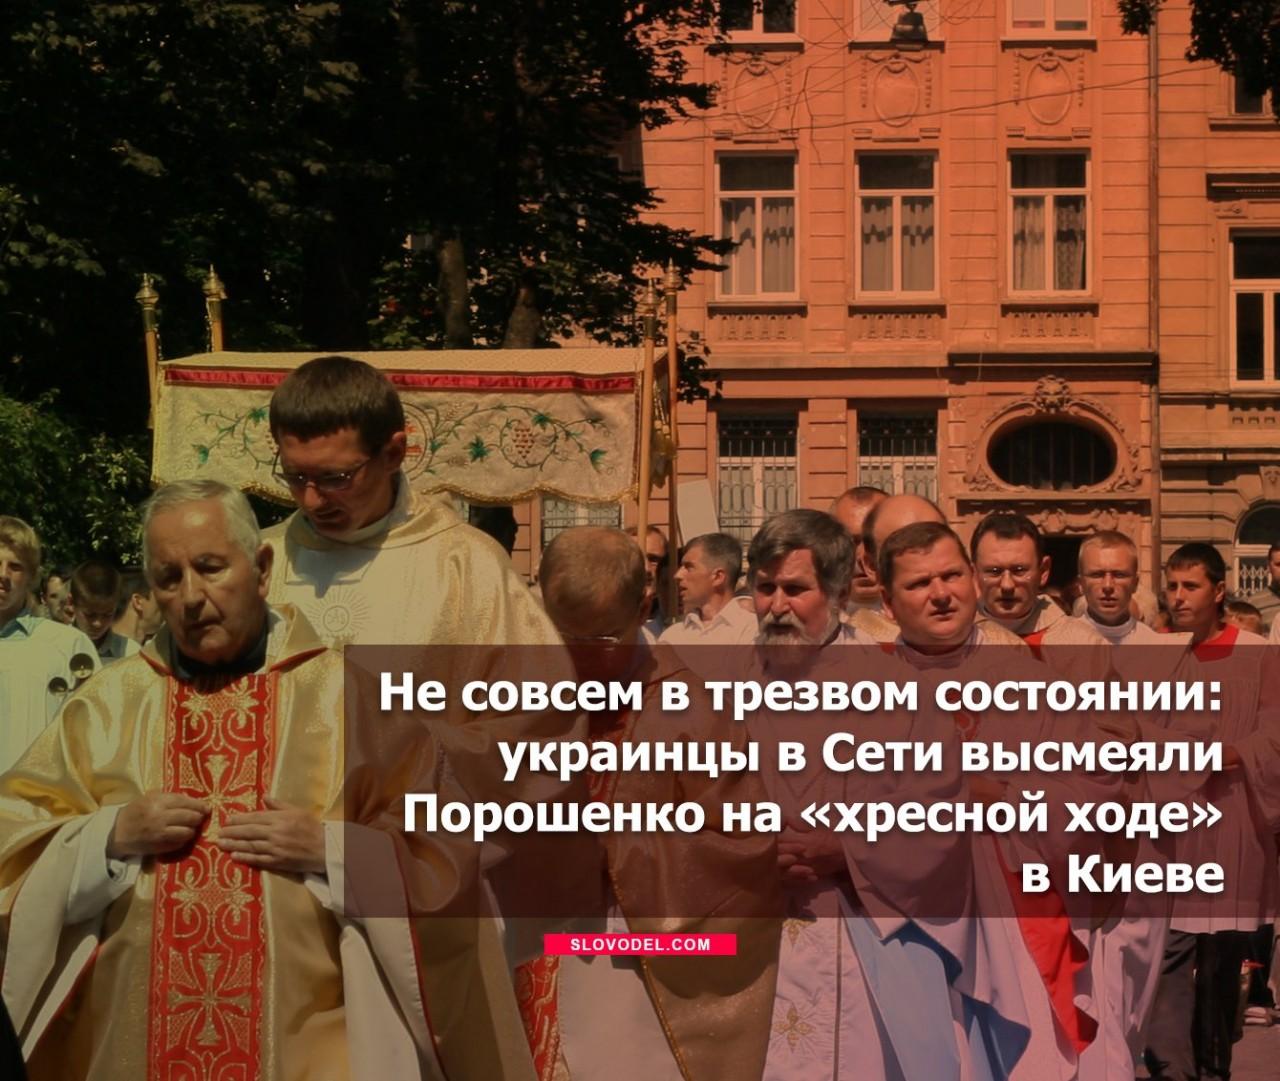 Не совсем в трезвом состоянии: украинцы в Сети высмеяли Порошенко на «хресной ходе» в Киеве